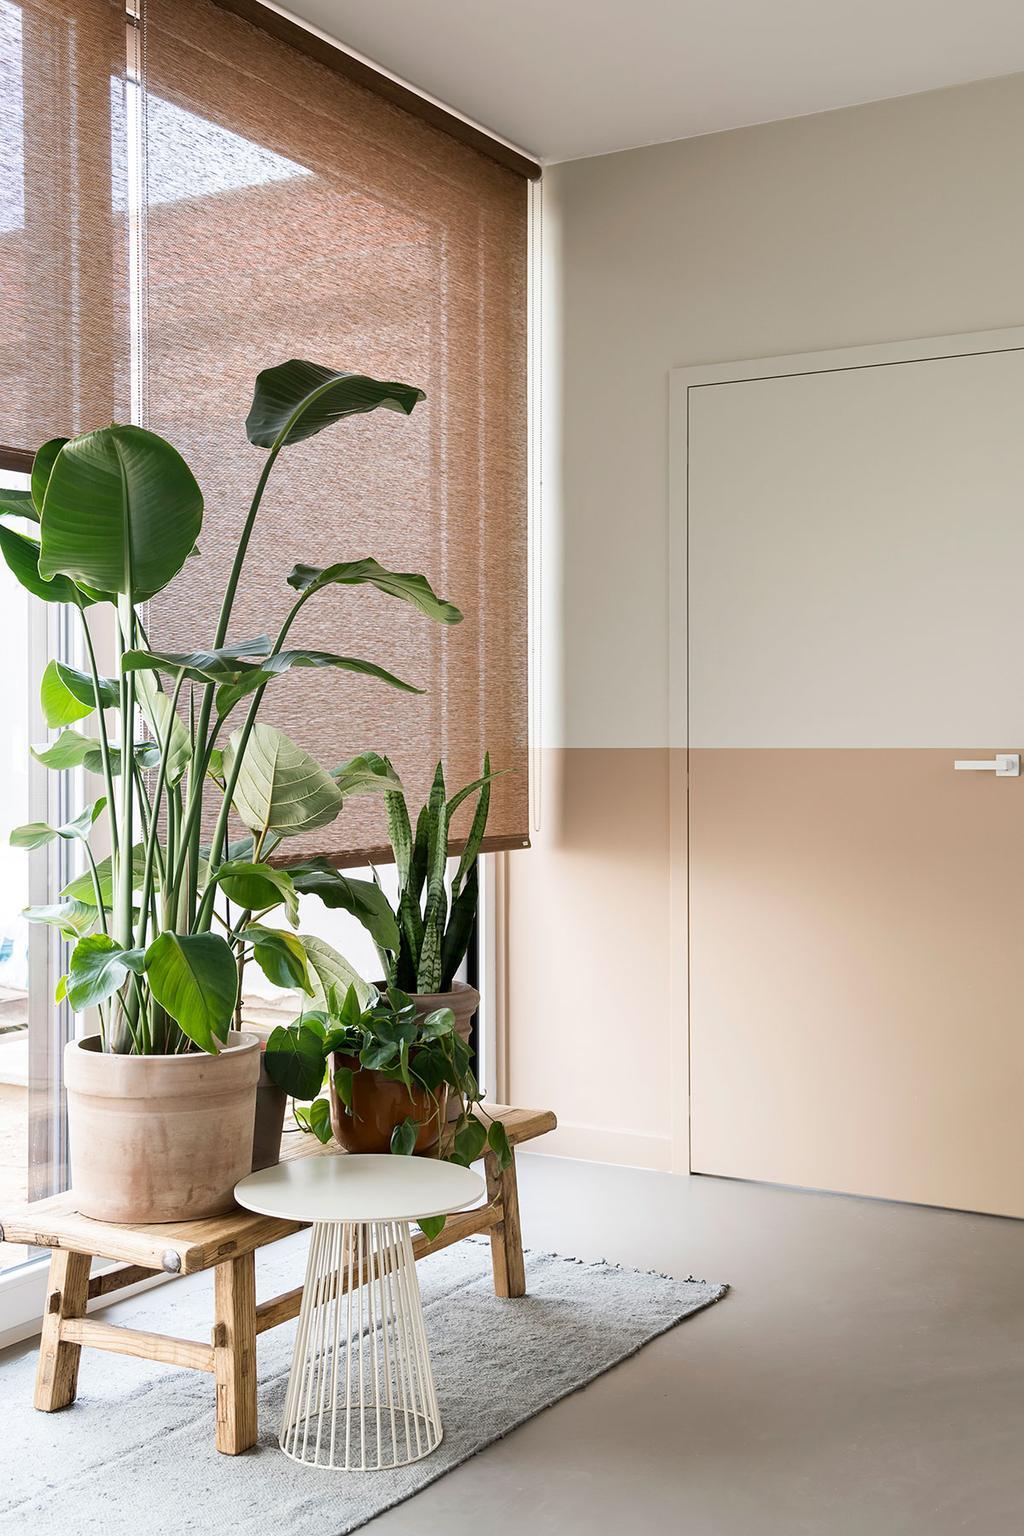 De plantenhoek in de eetkamer van Lien en Nicholas uit de vijfde aflevering van het tweede seizoen van Een frisse start met vtwonen.